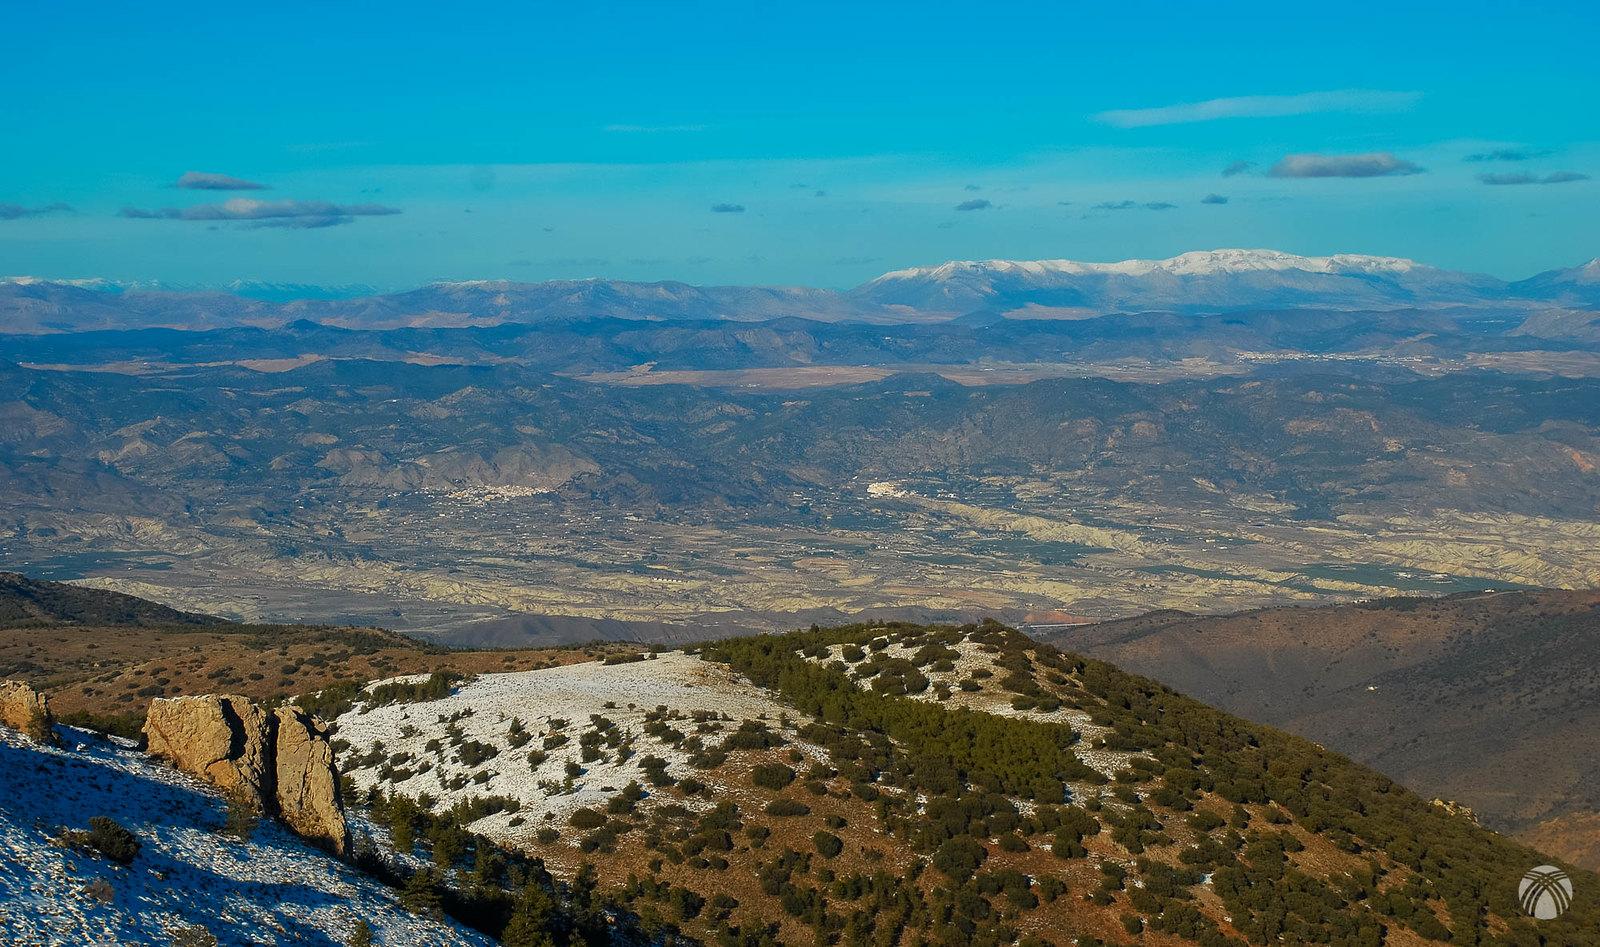 Tenemos unas muy buenas vistas hacia el valle del Almanzora